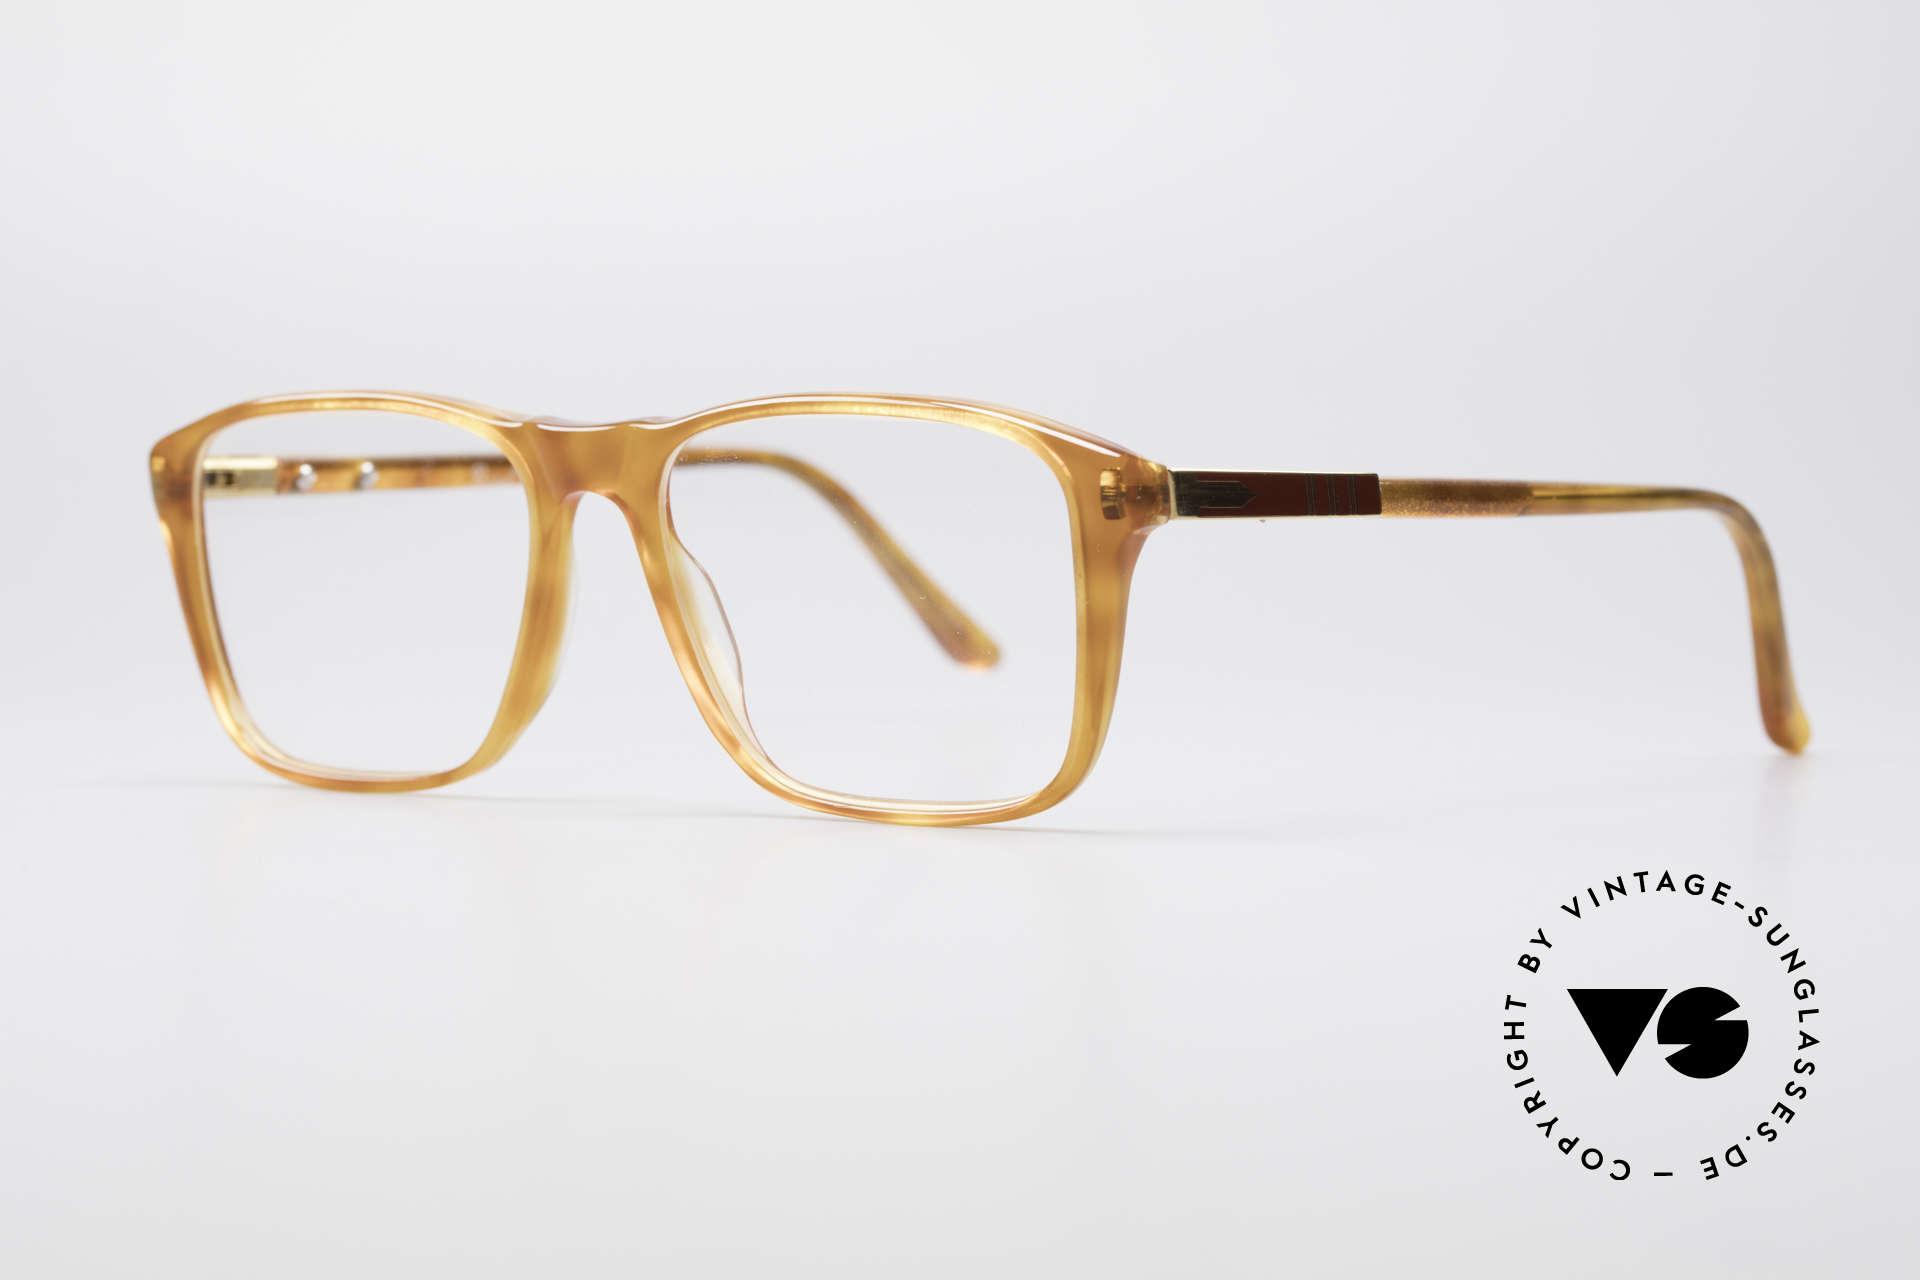 Persol Manager 13 Ratti Vergoldete 80er Brille, Handarbeit als Merkmal dieser anspruchsvollen Serie, Passend für Herren